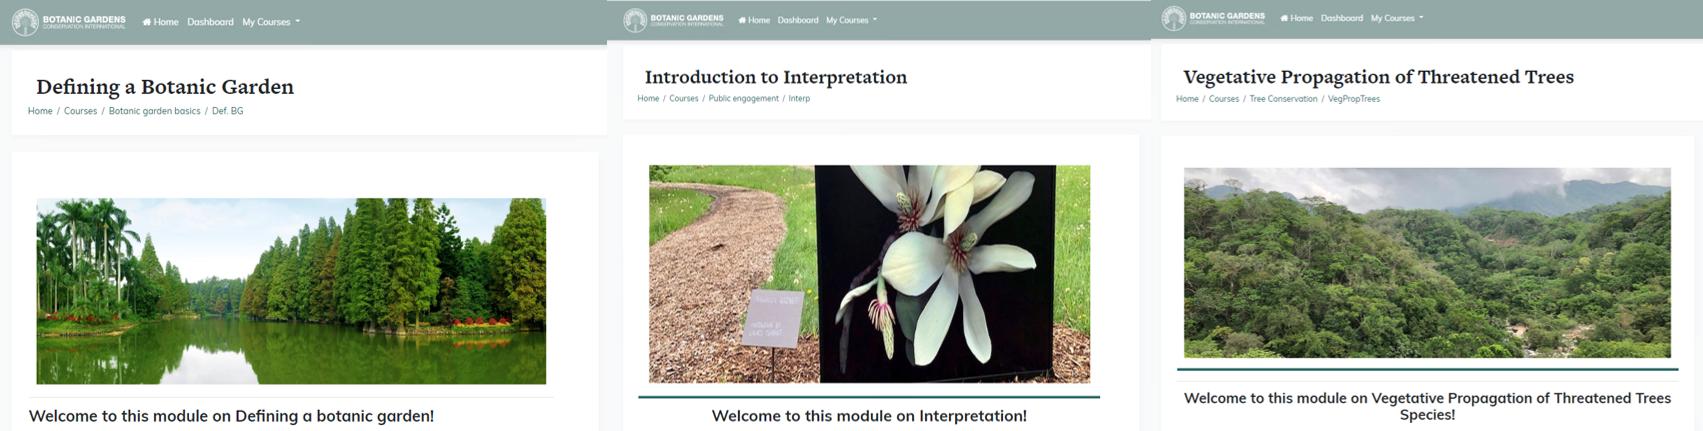 Moodle courses images